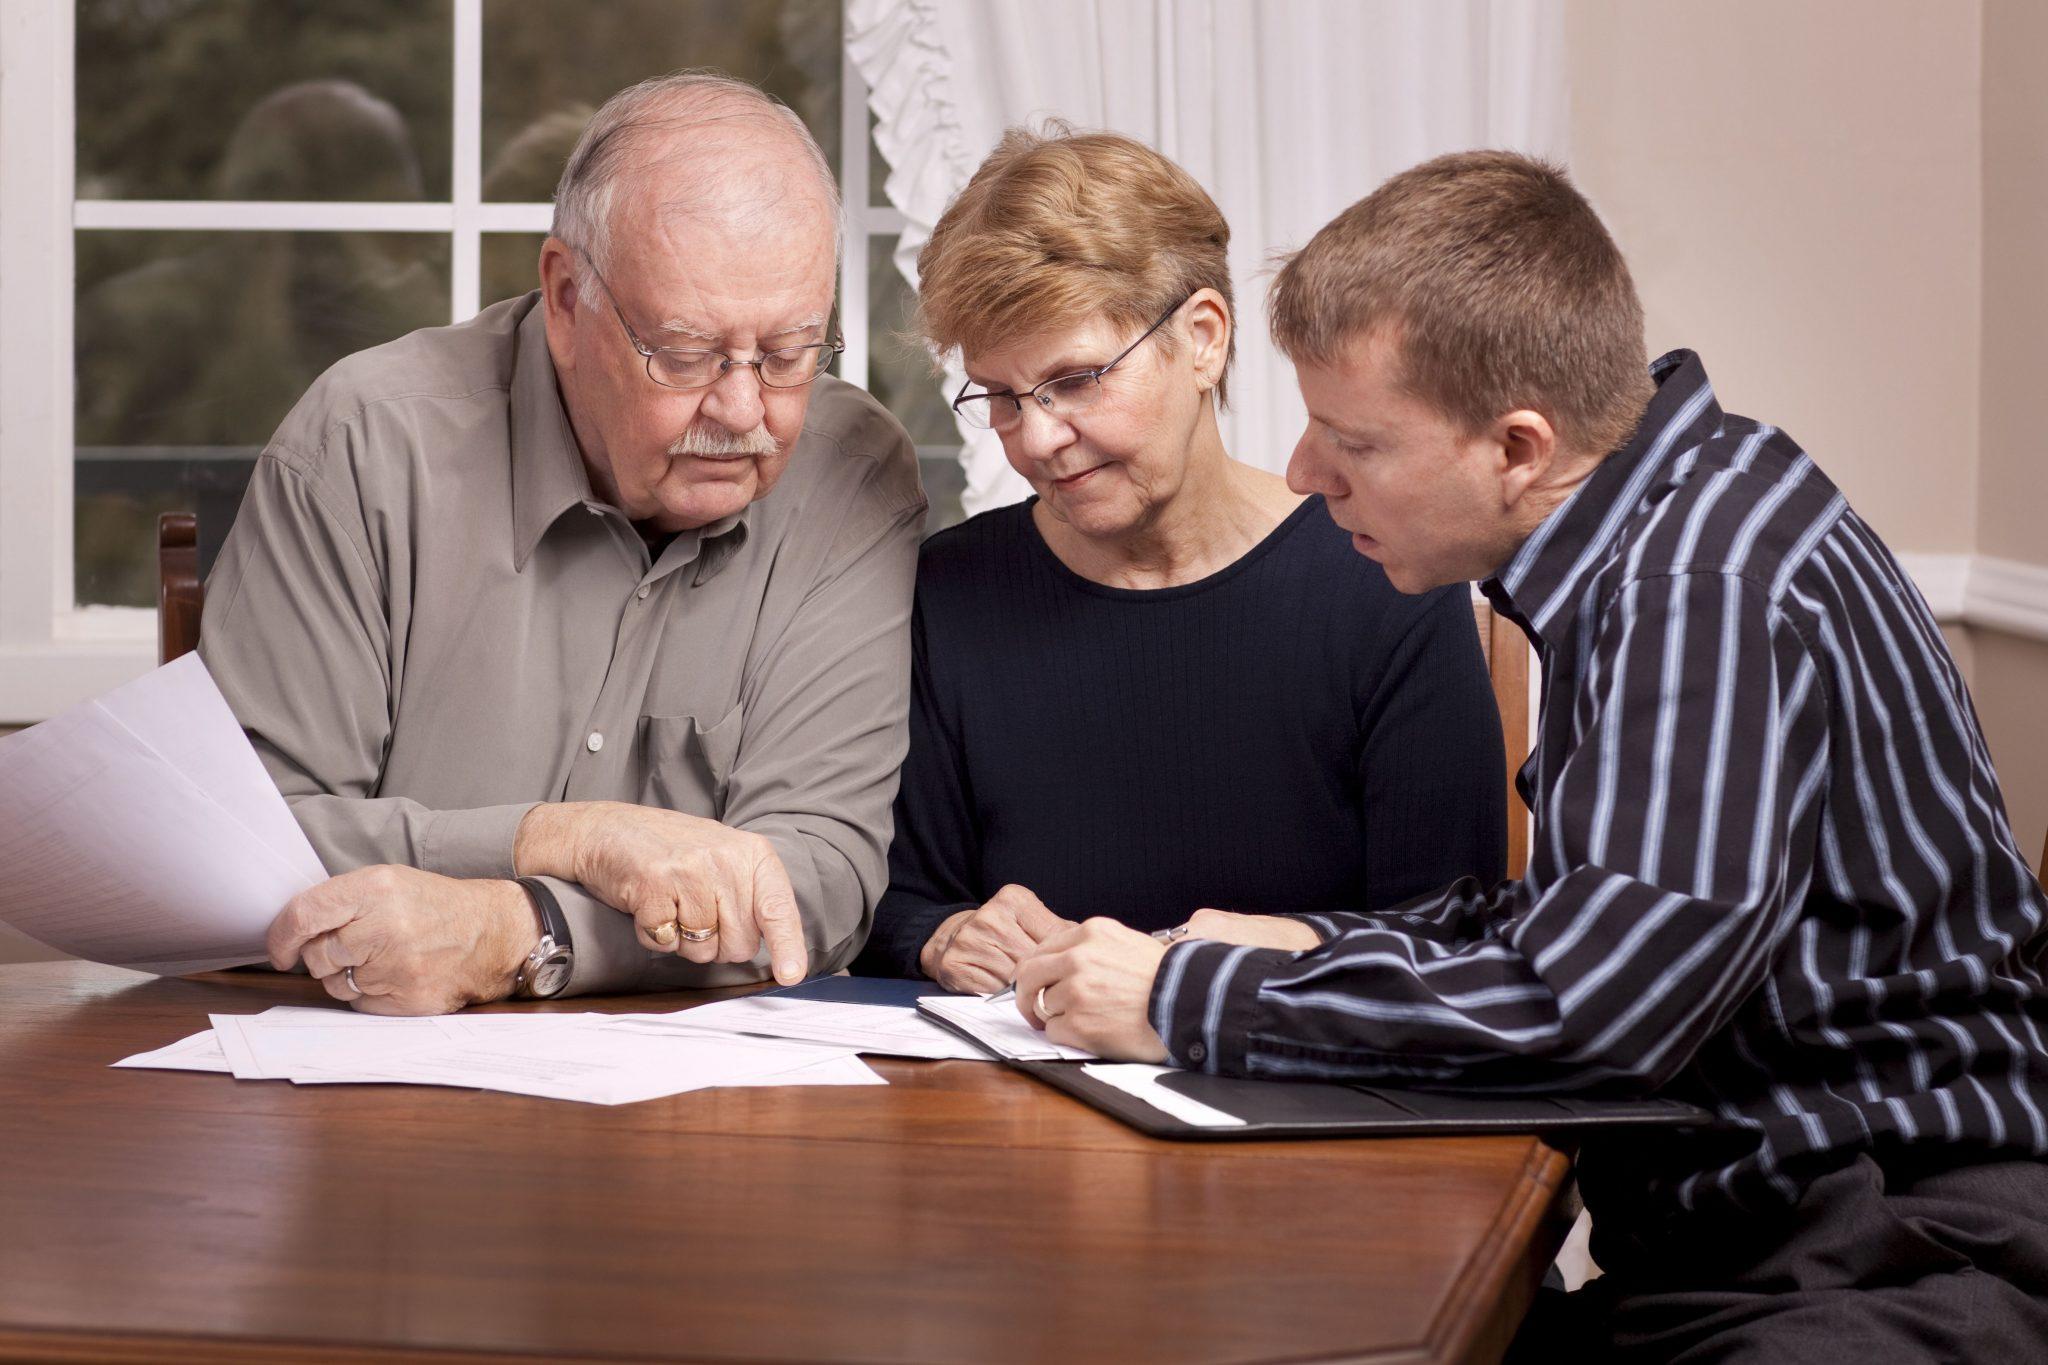 Завещание или дарение? Как дешевле передать имущество